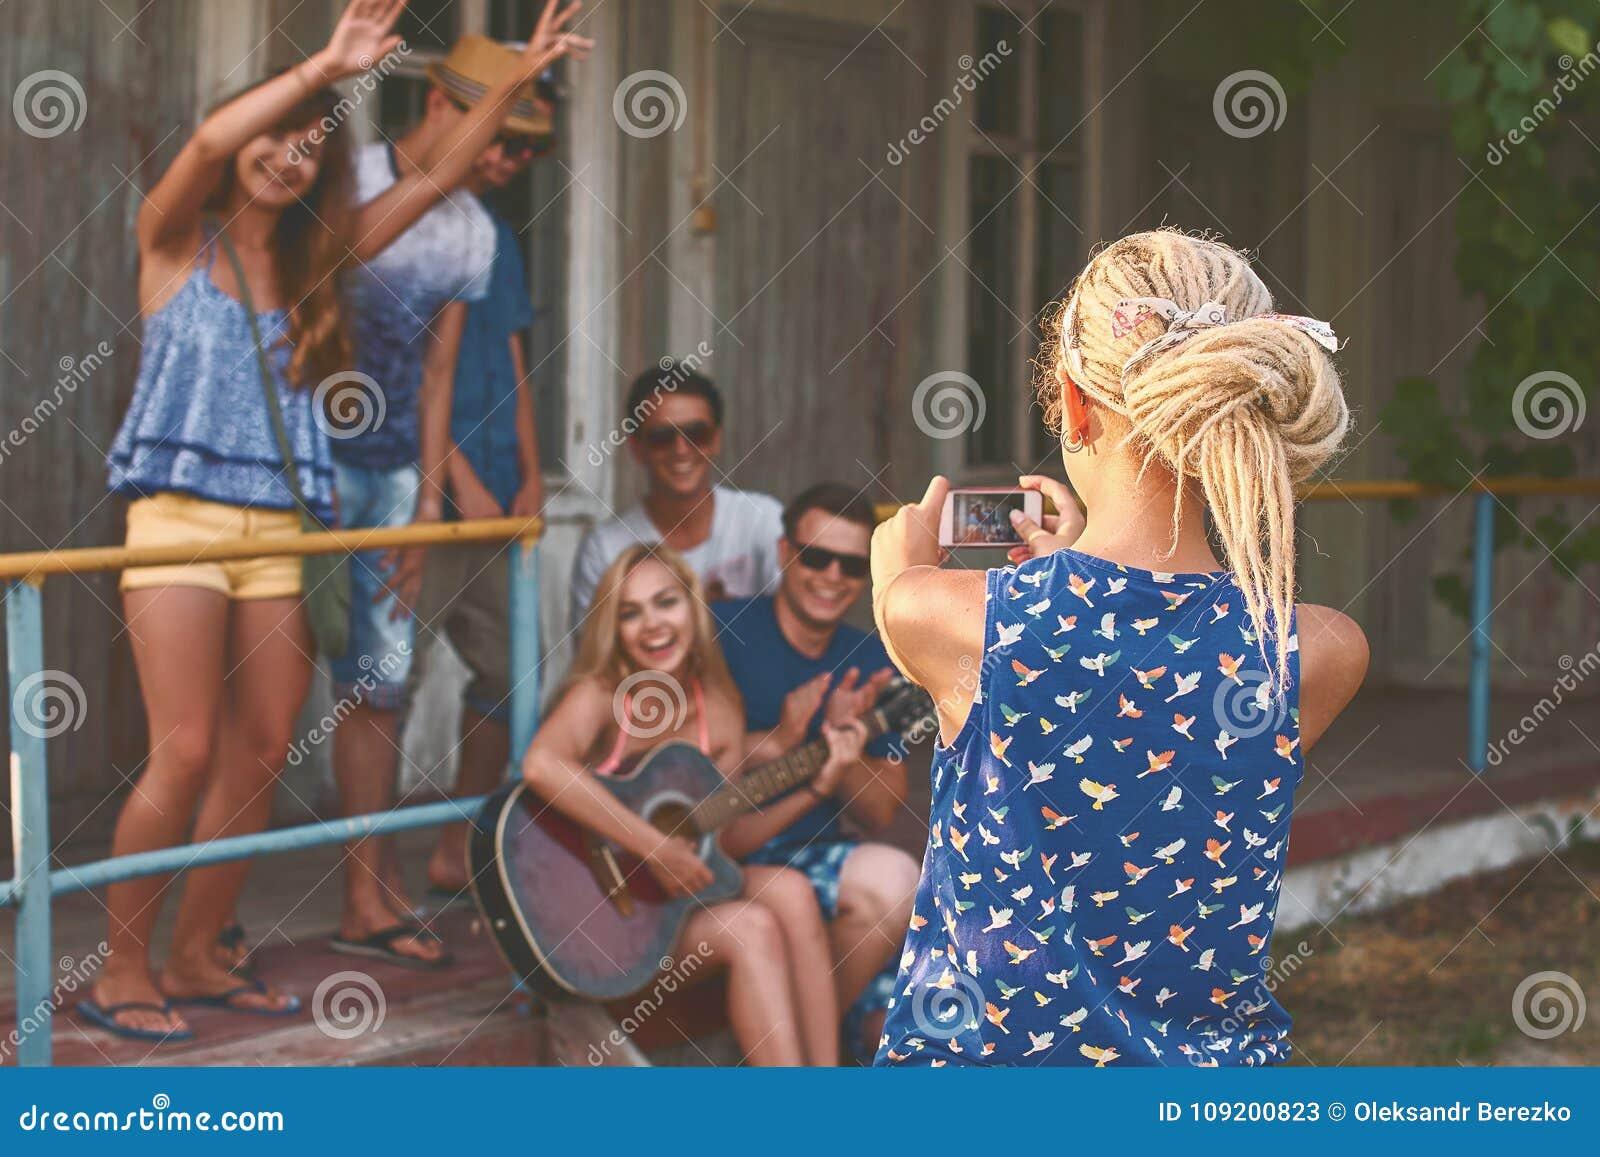 La muchacha rubia joven con teme toma una foto de grupos de sus amigos con su smartphone cerca de la cabina de madera del día de